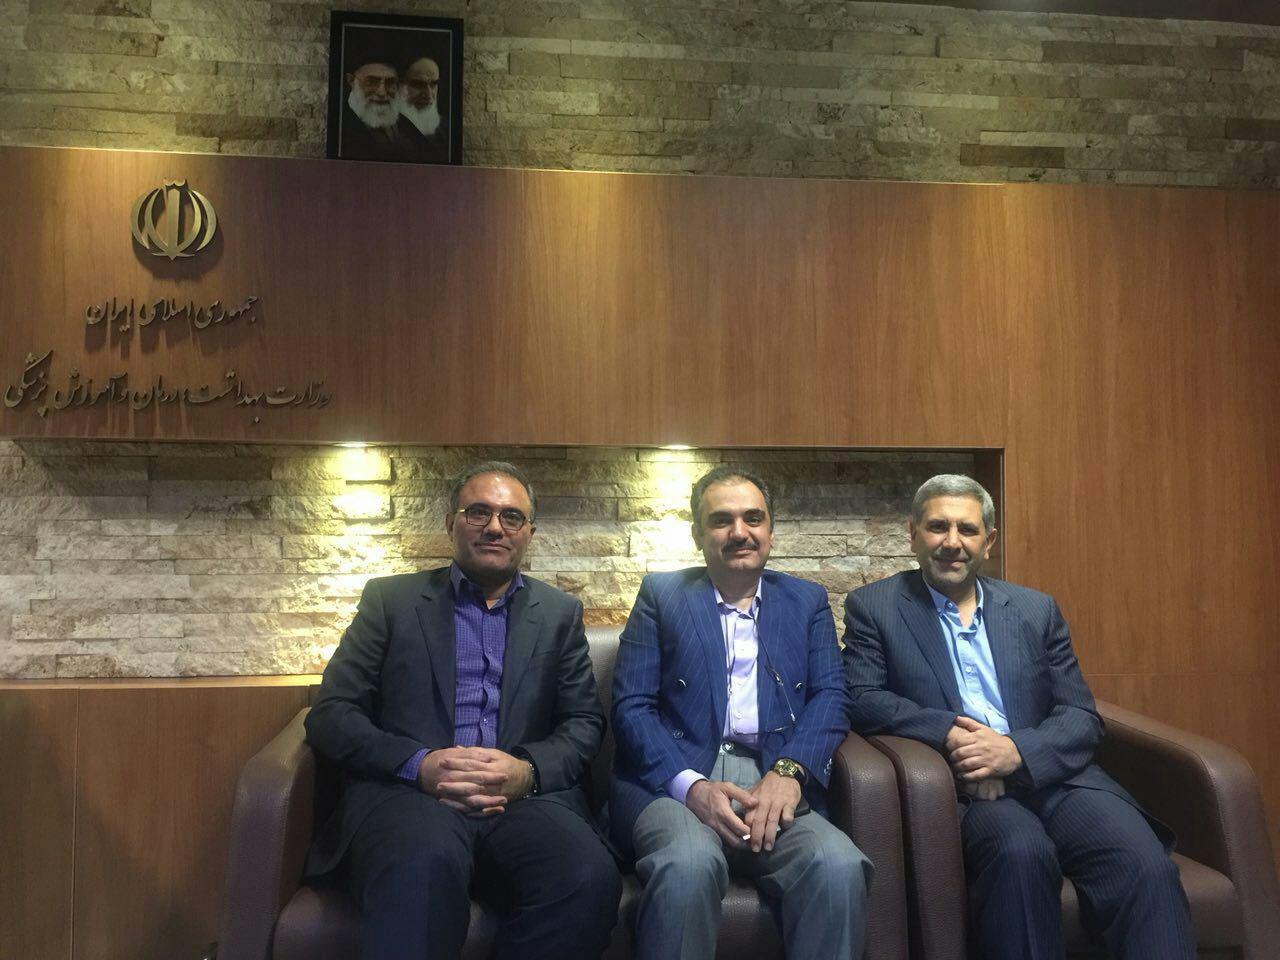 انتخاب رئیس دانشگاه علوم پزشکی شیراز در گام آخر